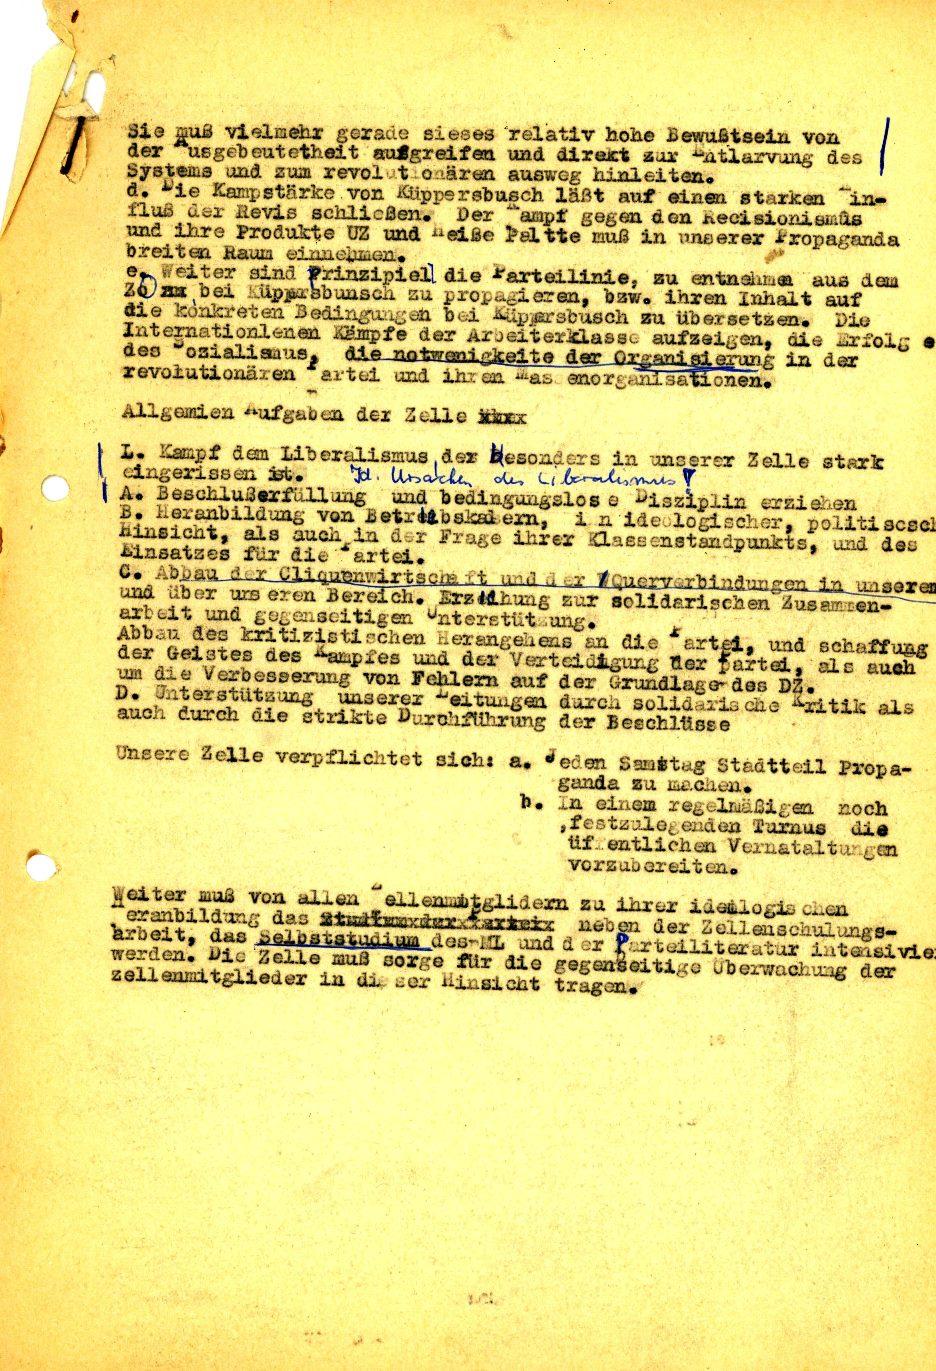 Entwurf_KPD_ML_1973_03